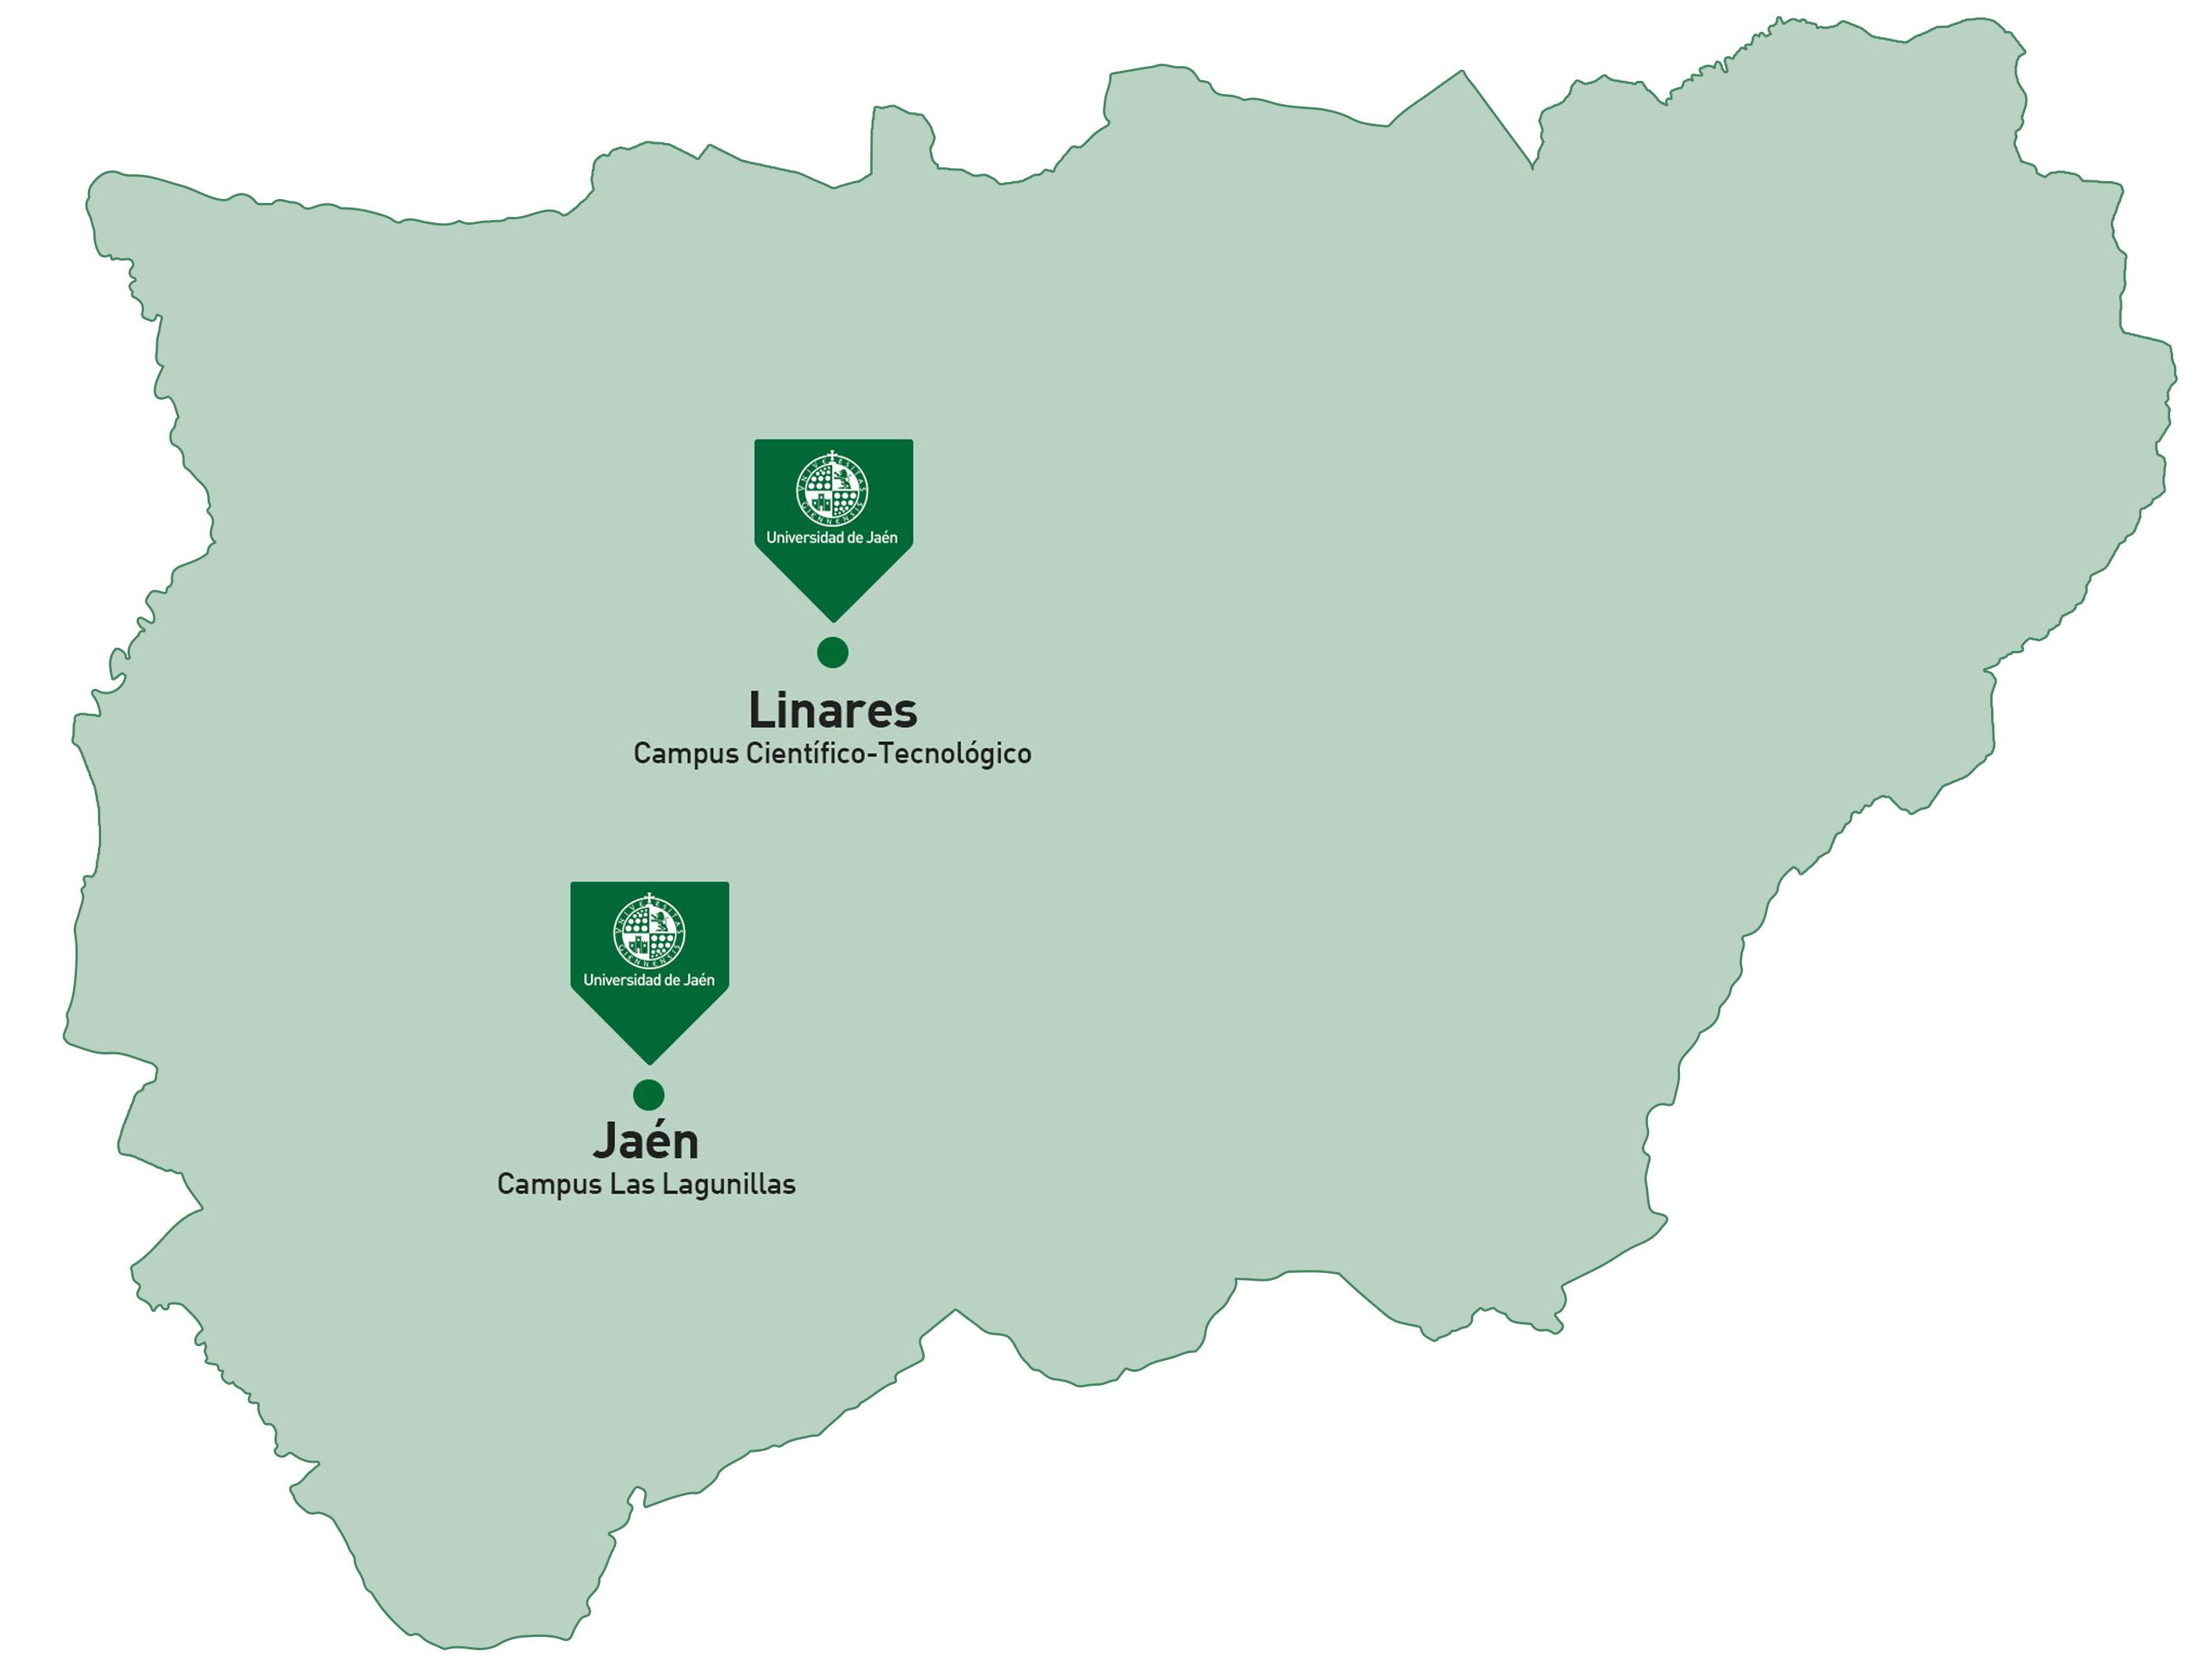 Los Campus Localizacion University Of Jaen